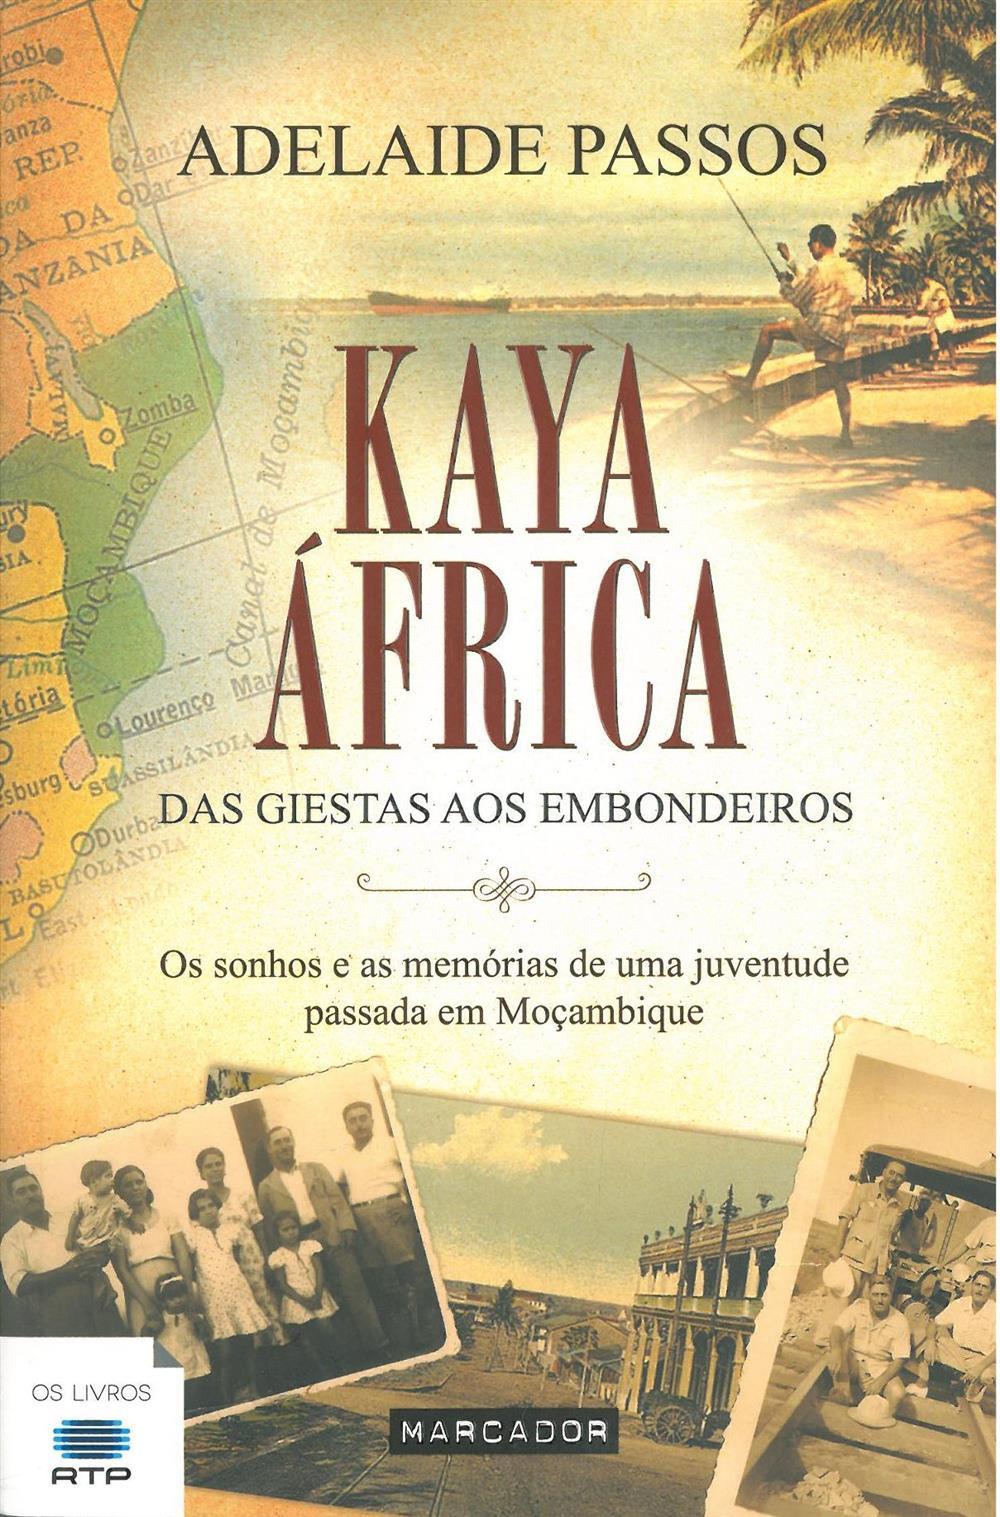 Kaya África_.jpg